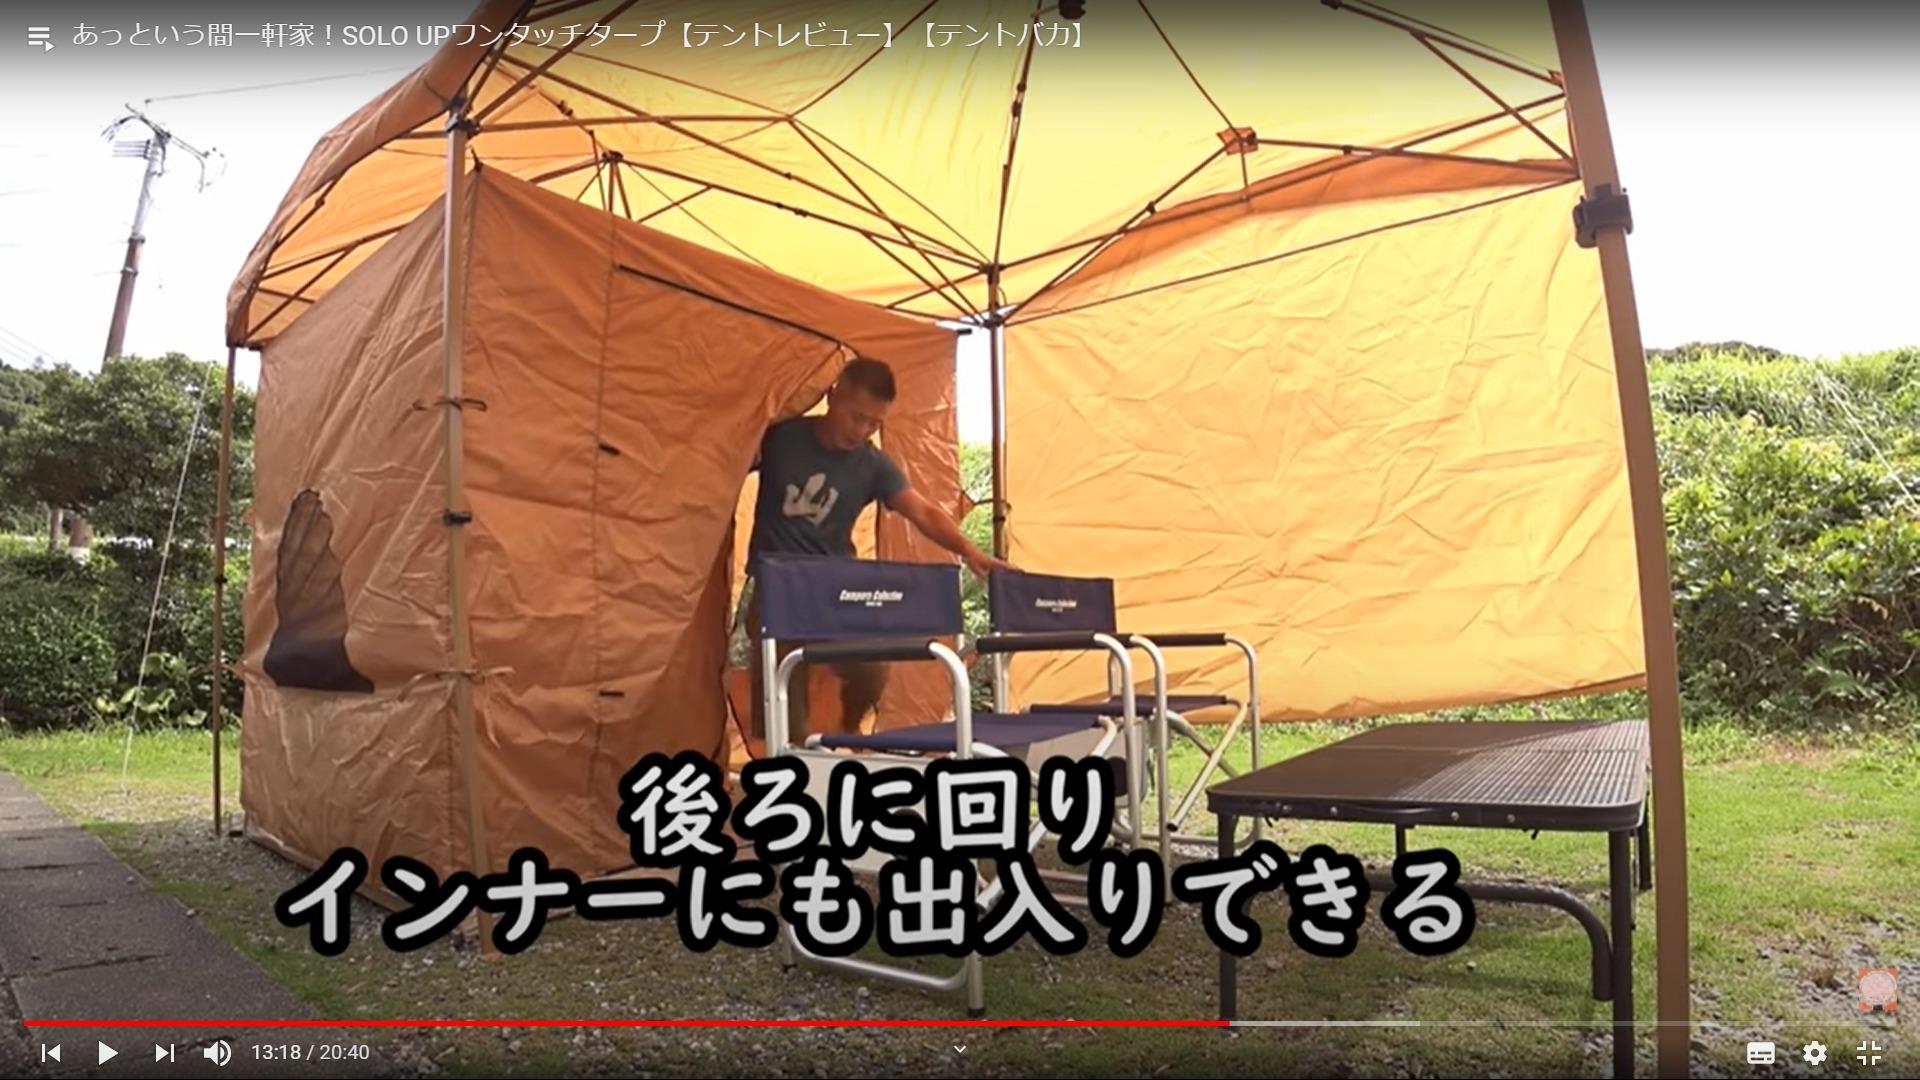 【SOLO UP】ワンタッチタープをレビューする尾上祐一郎さん